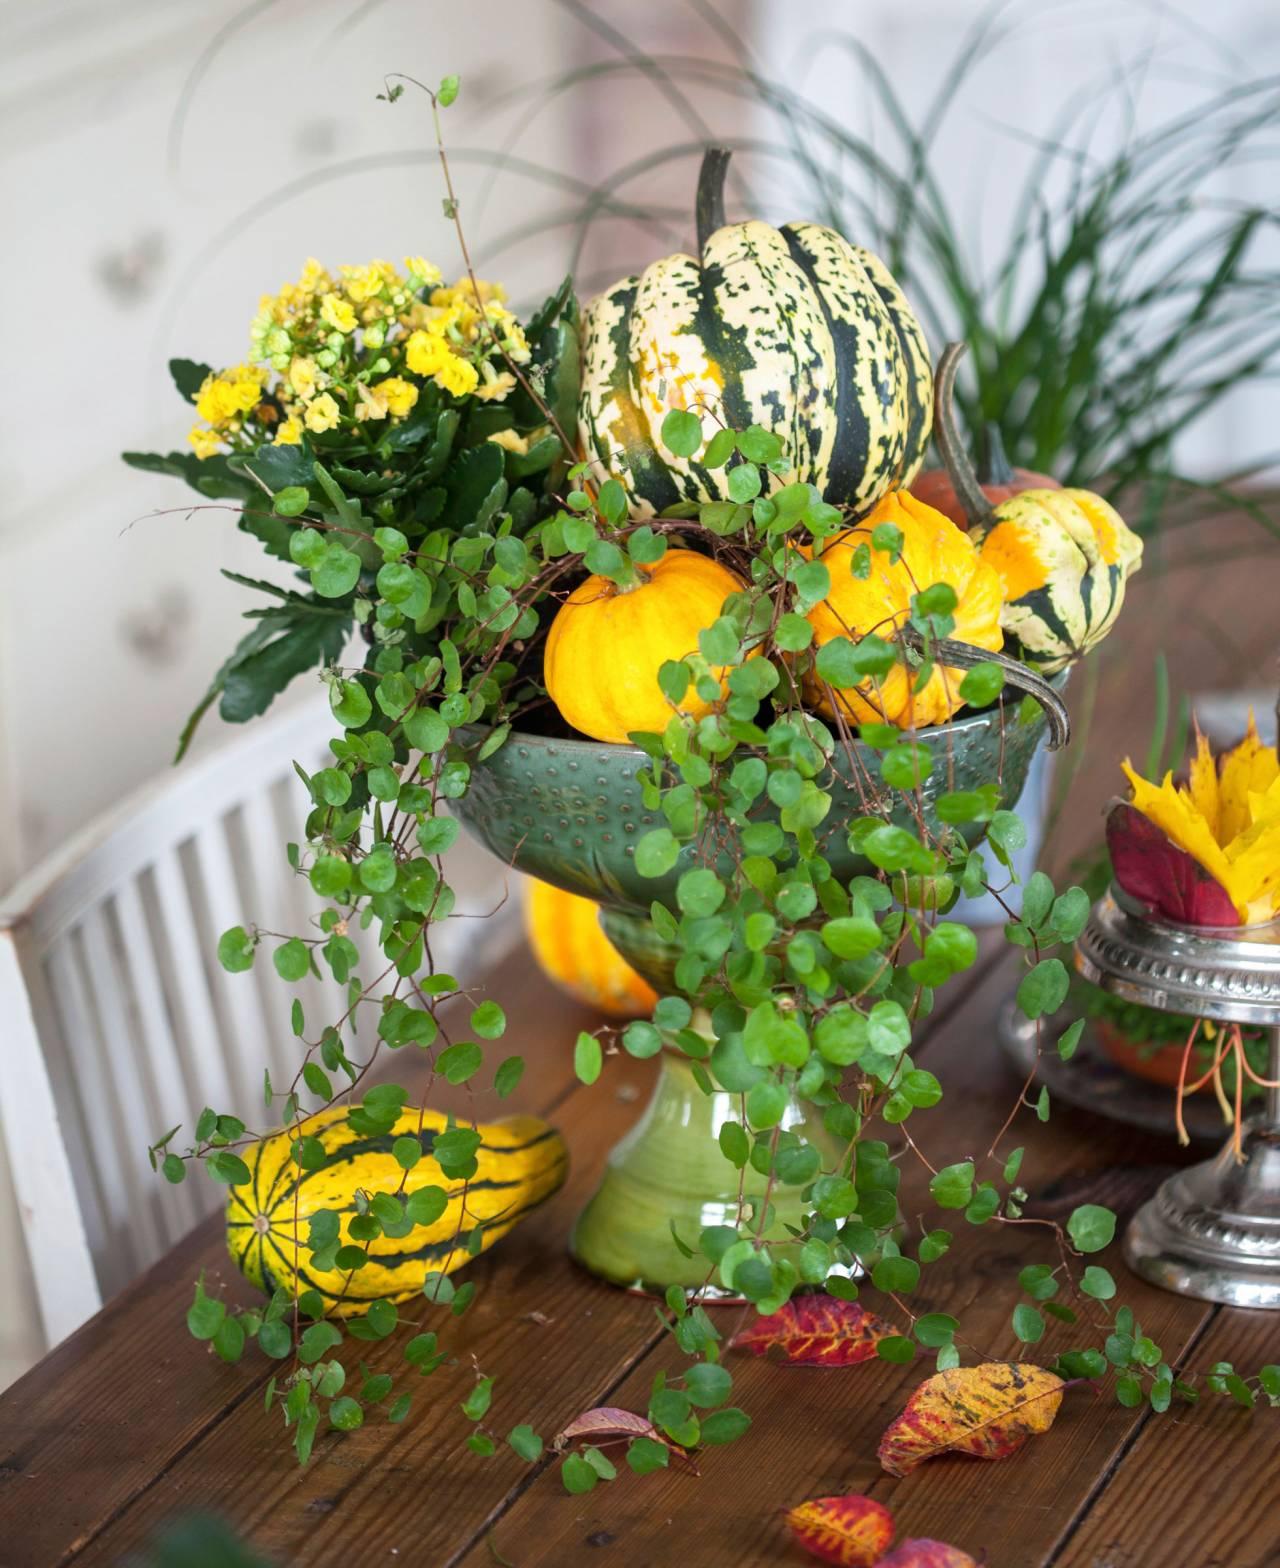 Skål fylld med blommor och pumpor.